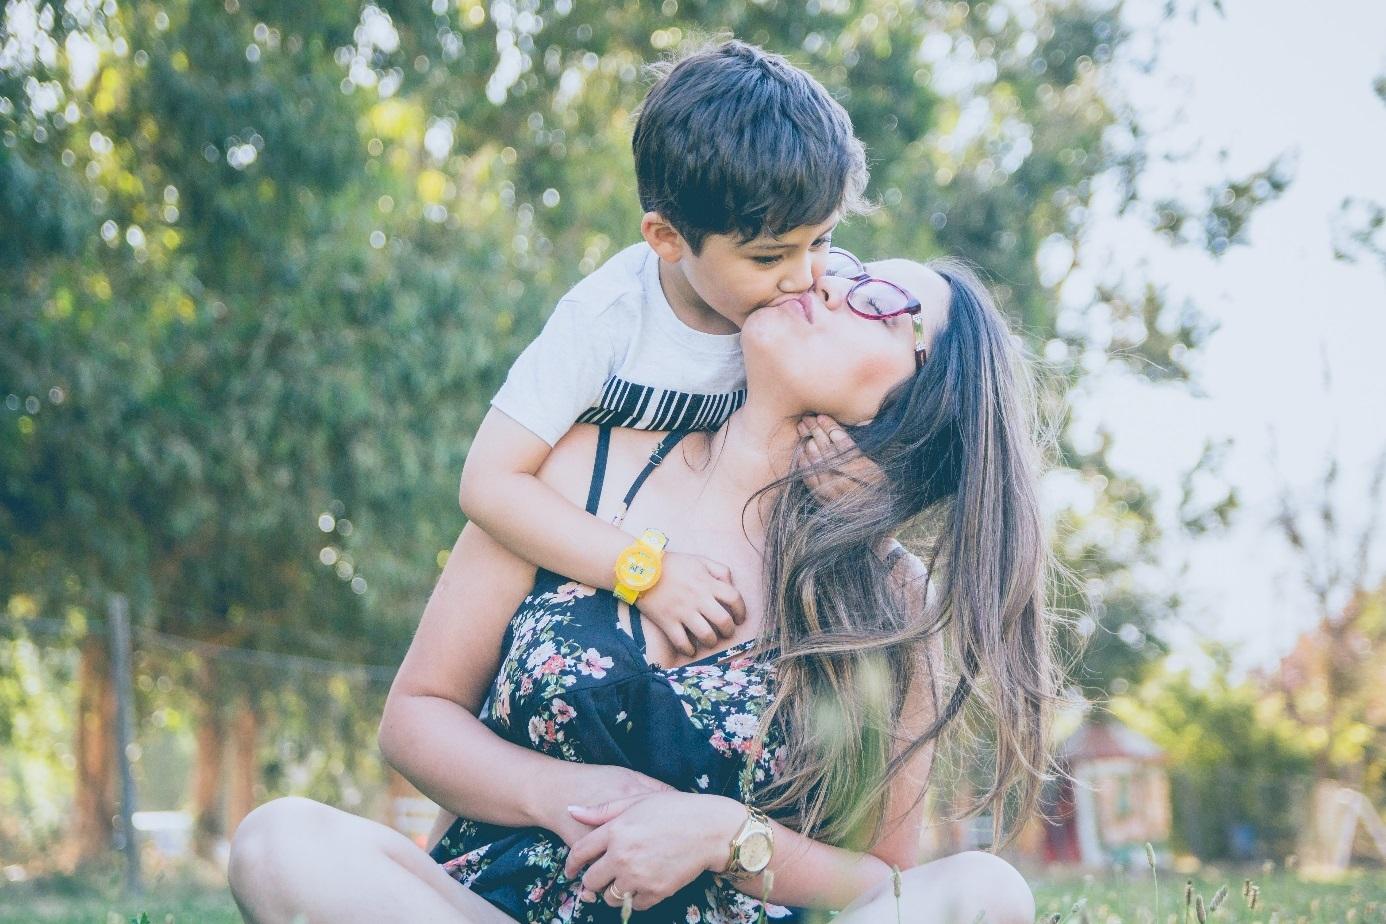 Sohn küsst Mutter und umarmt sie